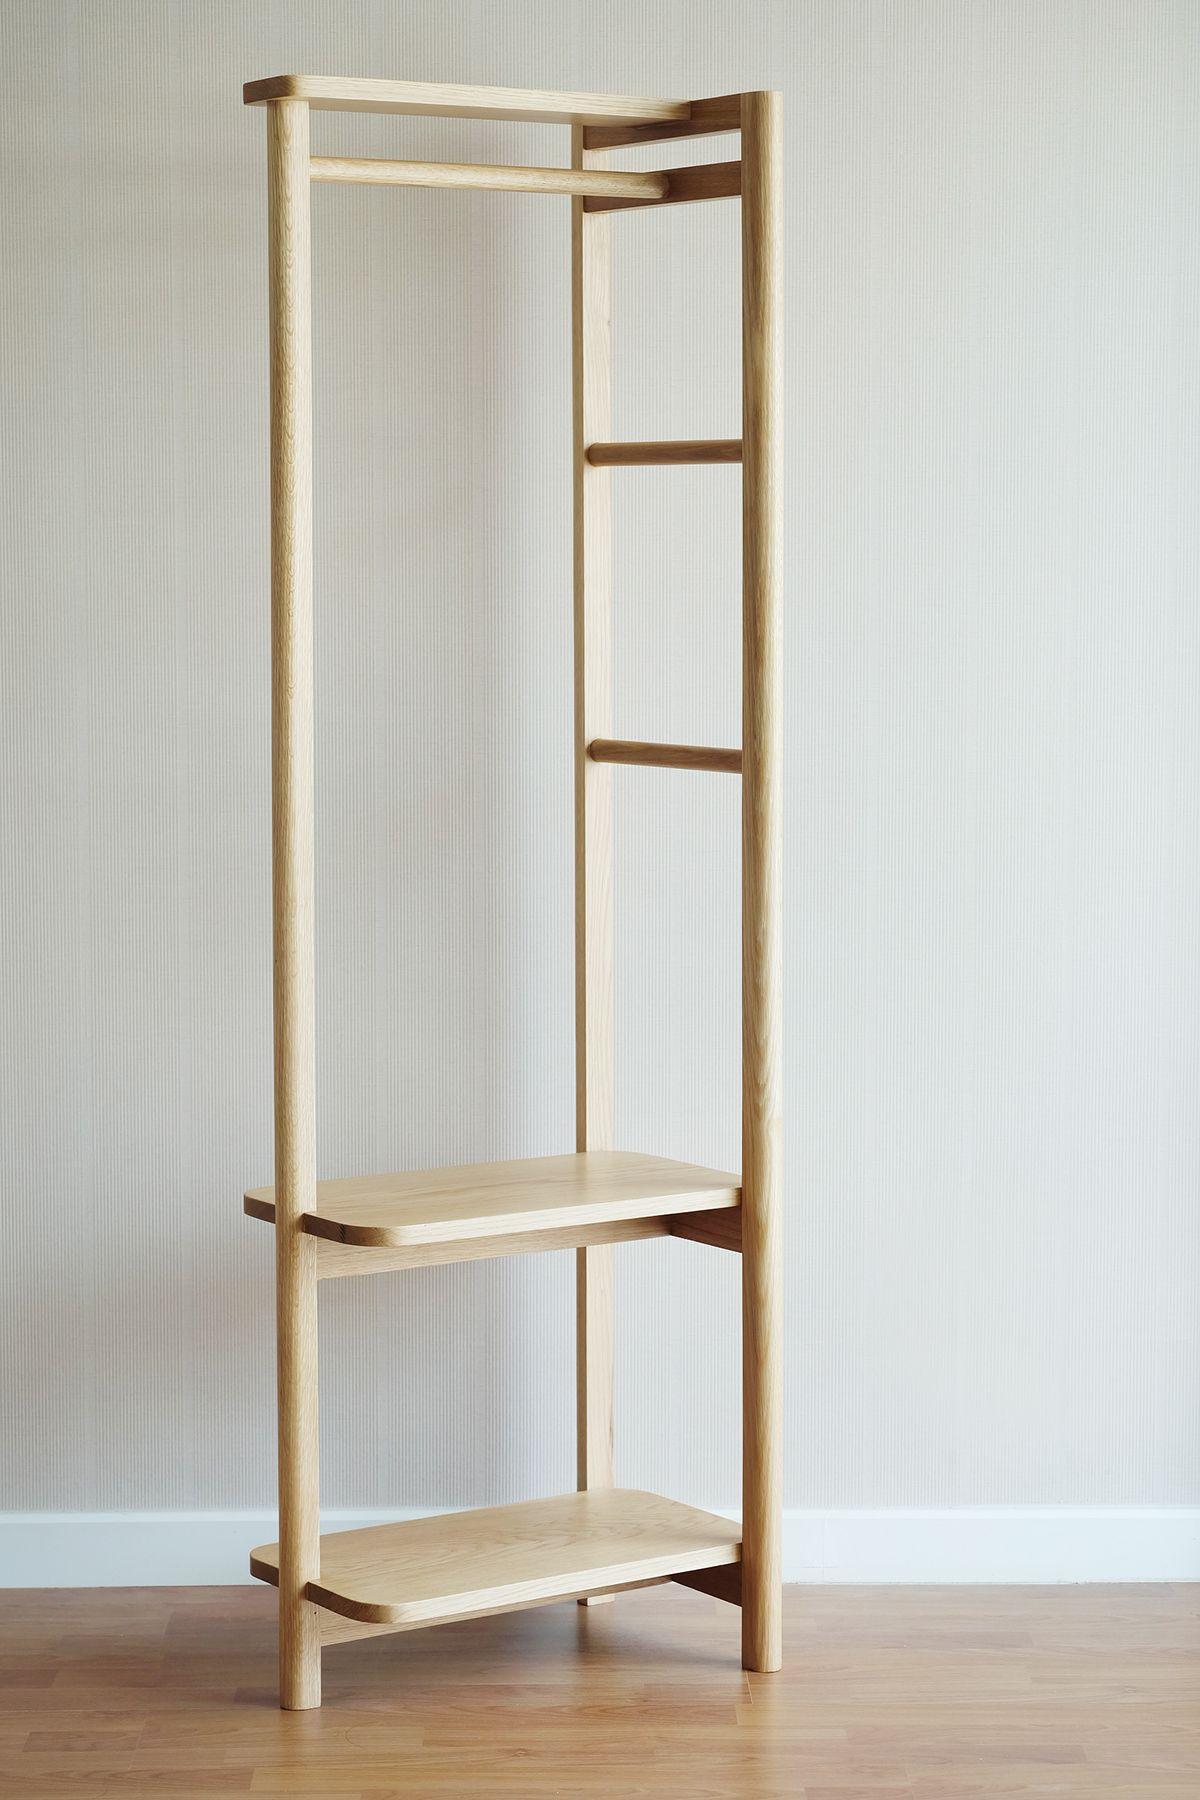 KITT Coat Stand is part of Furniture - KITT coat stand  Designed for KILTT in 2015